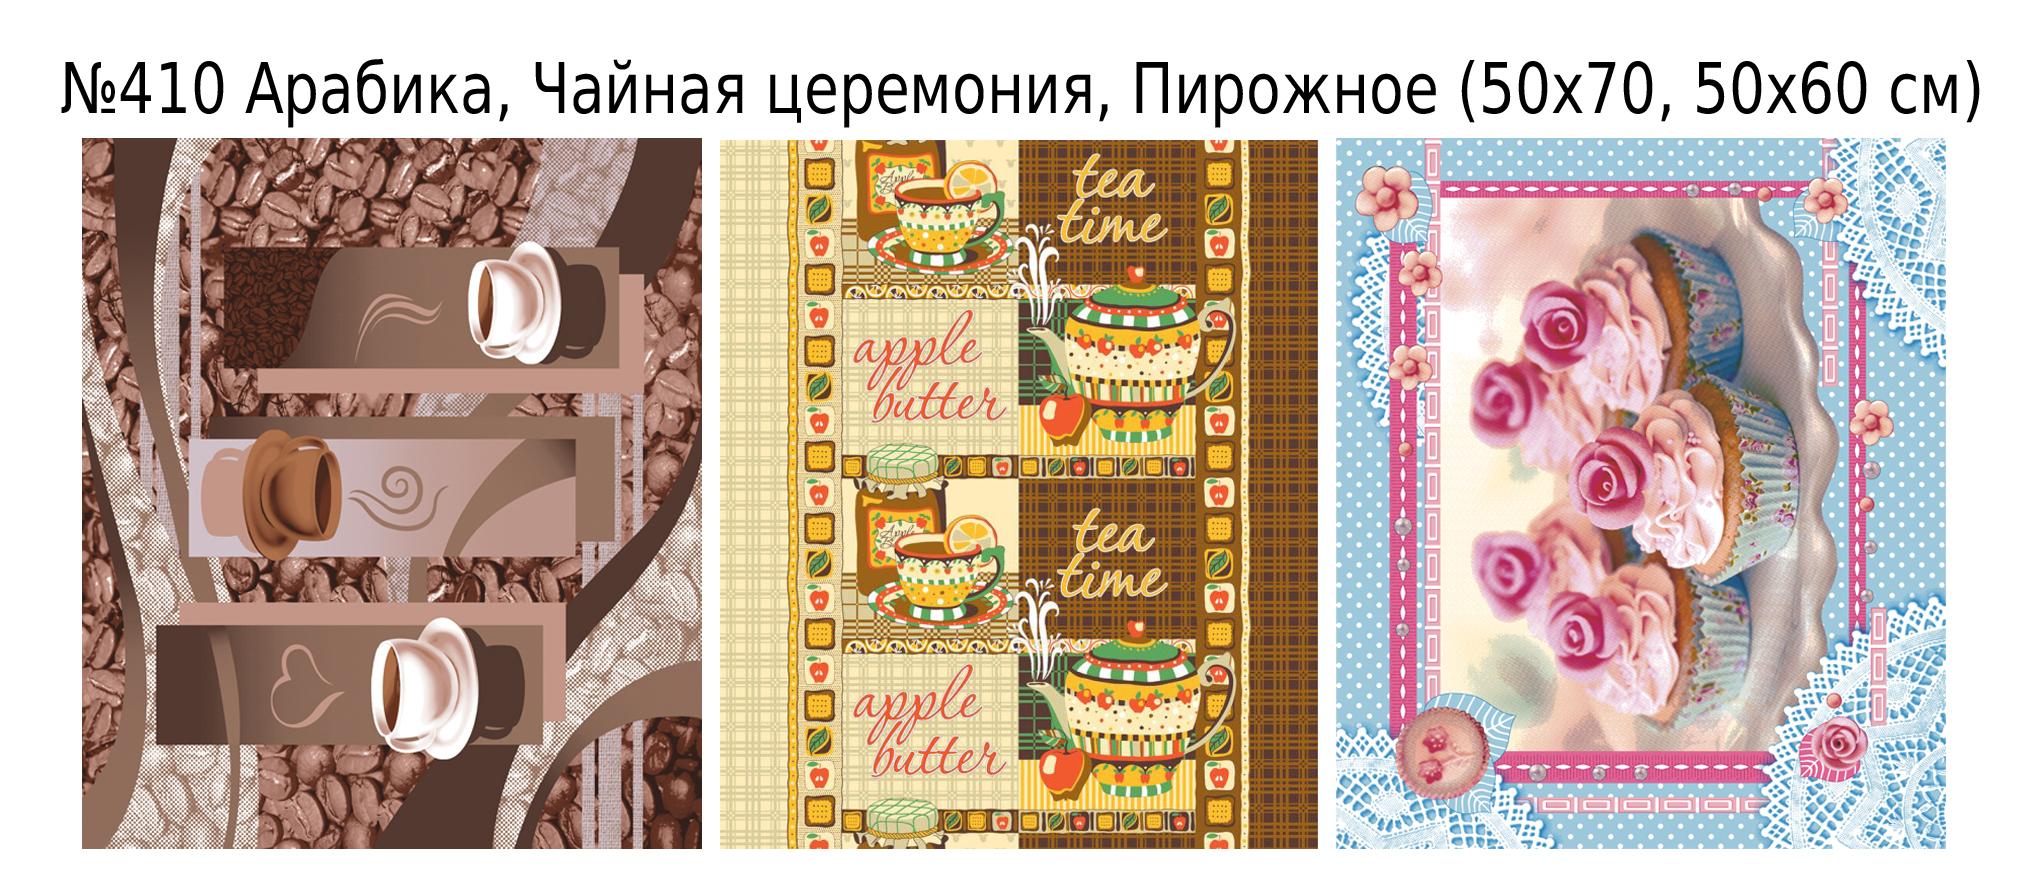 Набор вафельных полотенец Арабика, Чайная церемония, ПирожноеПолотенца<br><br><br>Размер: 50х60